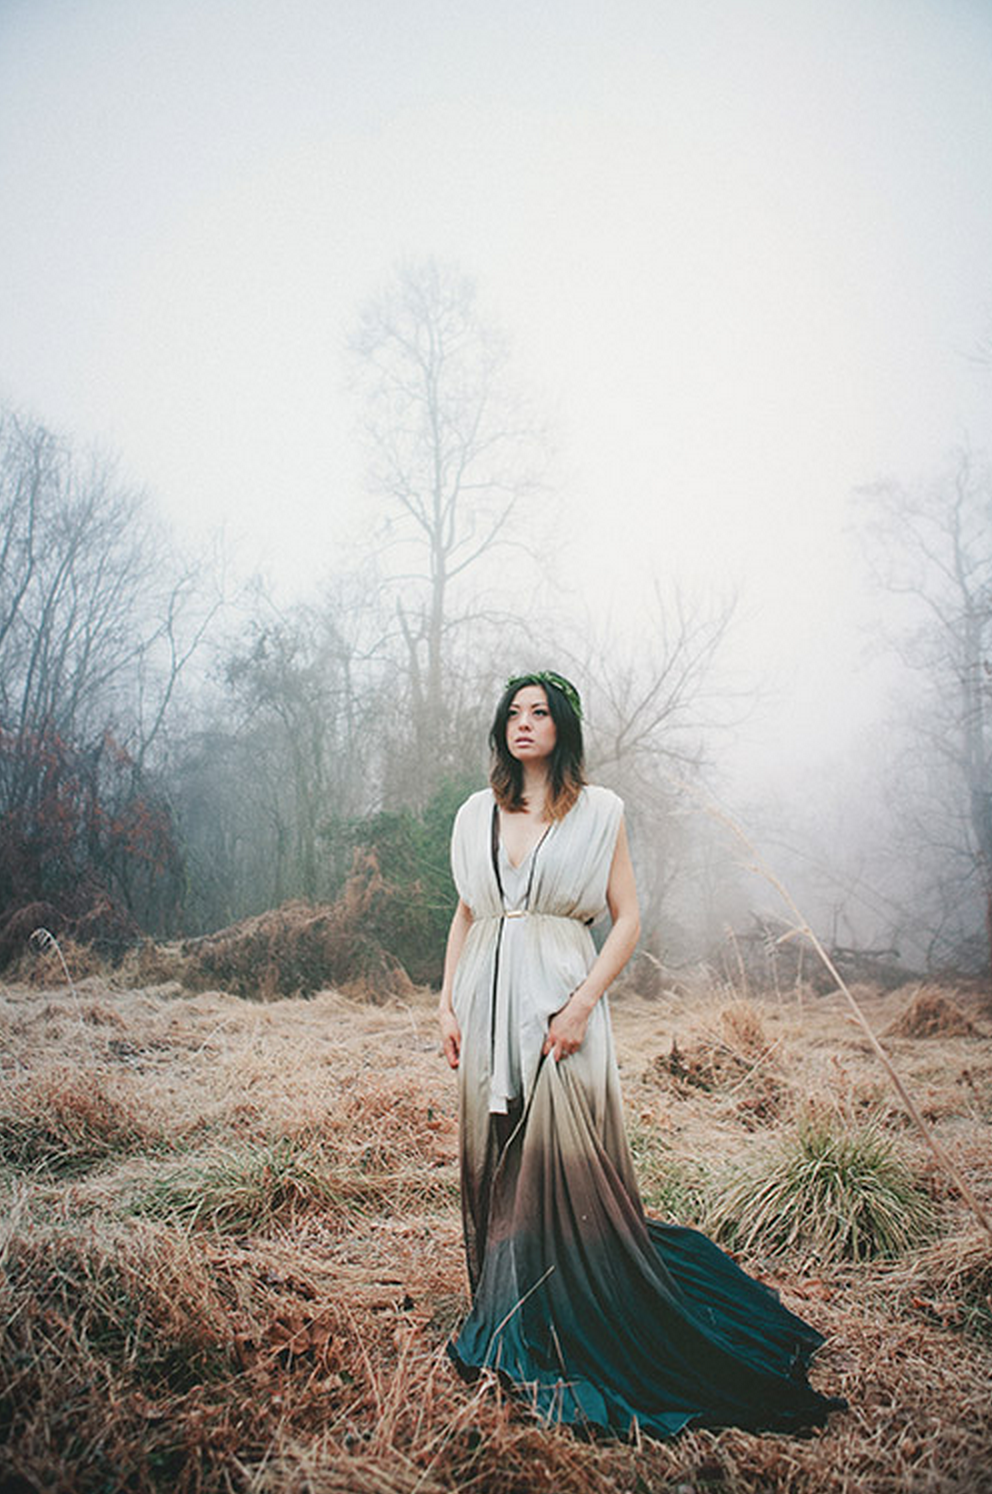 Amanda Lee Music